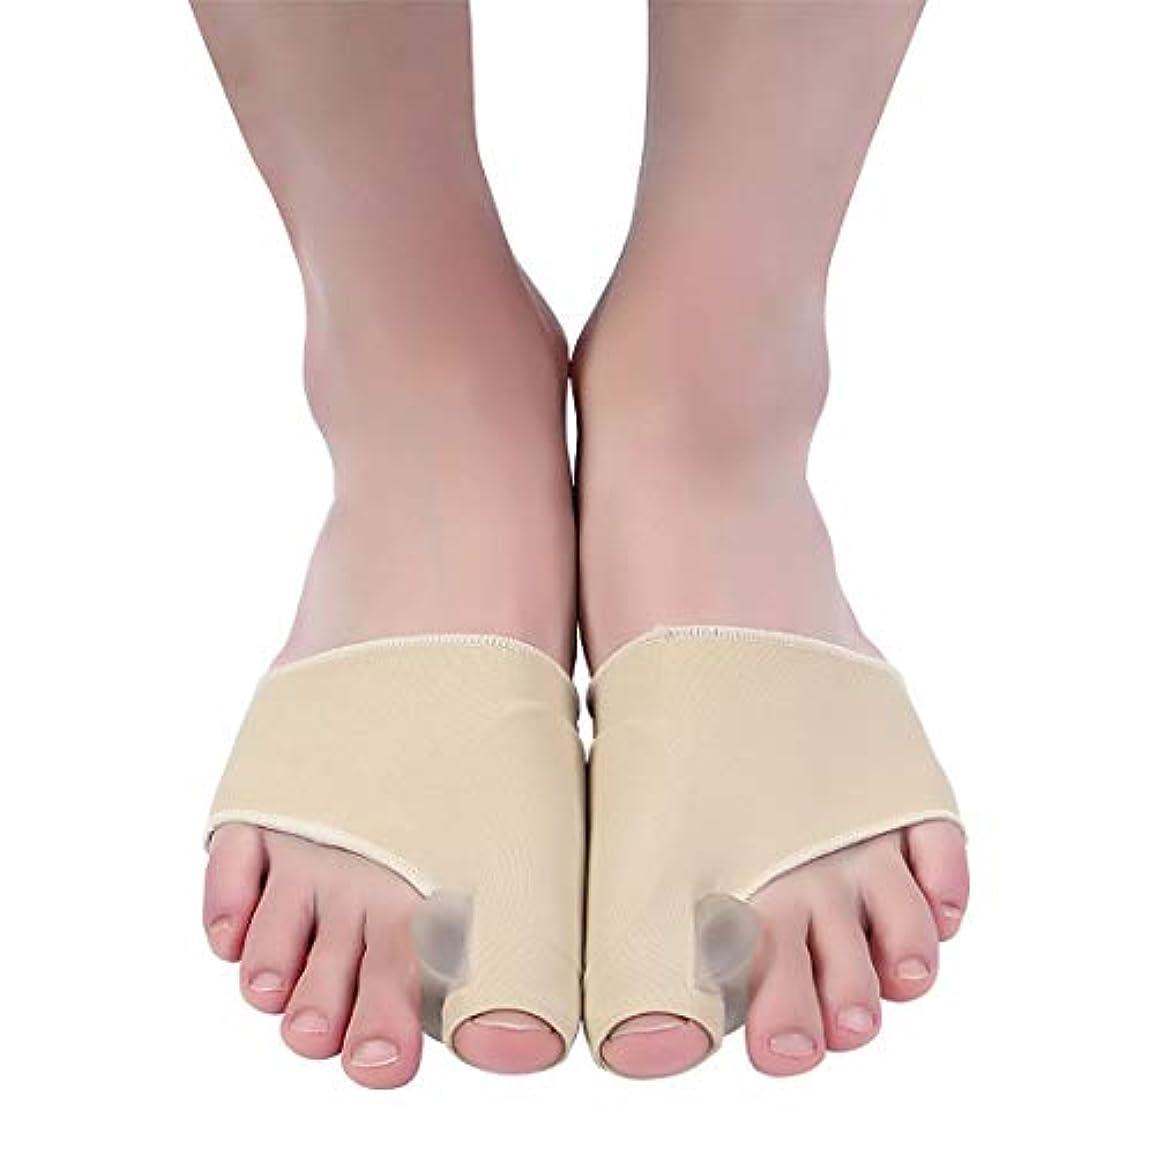 適度に感度砂腱膜瘤矯正と腱膜瘤救済、女性と男性のための整形外科の足の親指矯正、昼夜のサポート、外反母Valの治療と予防